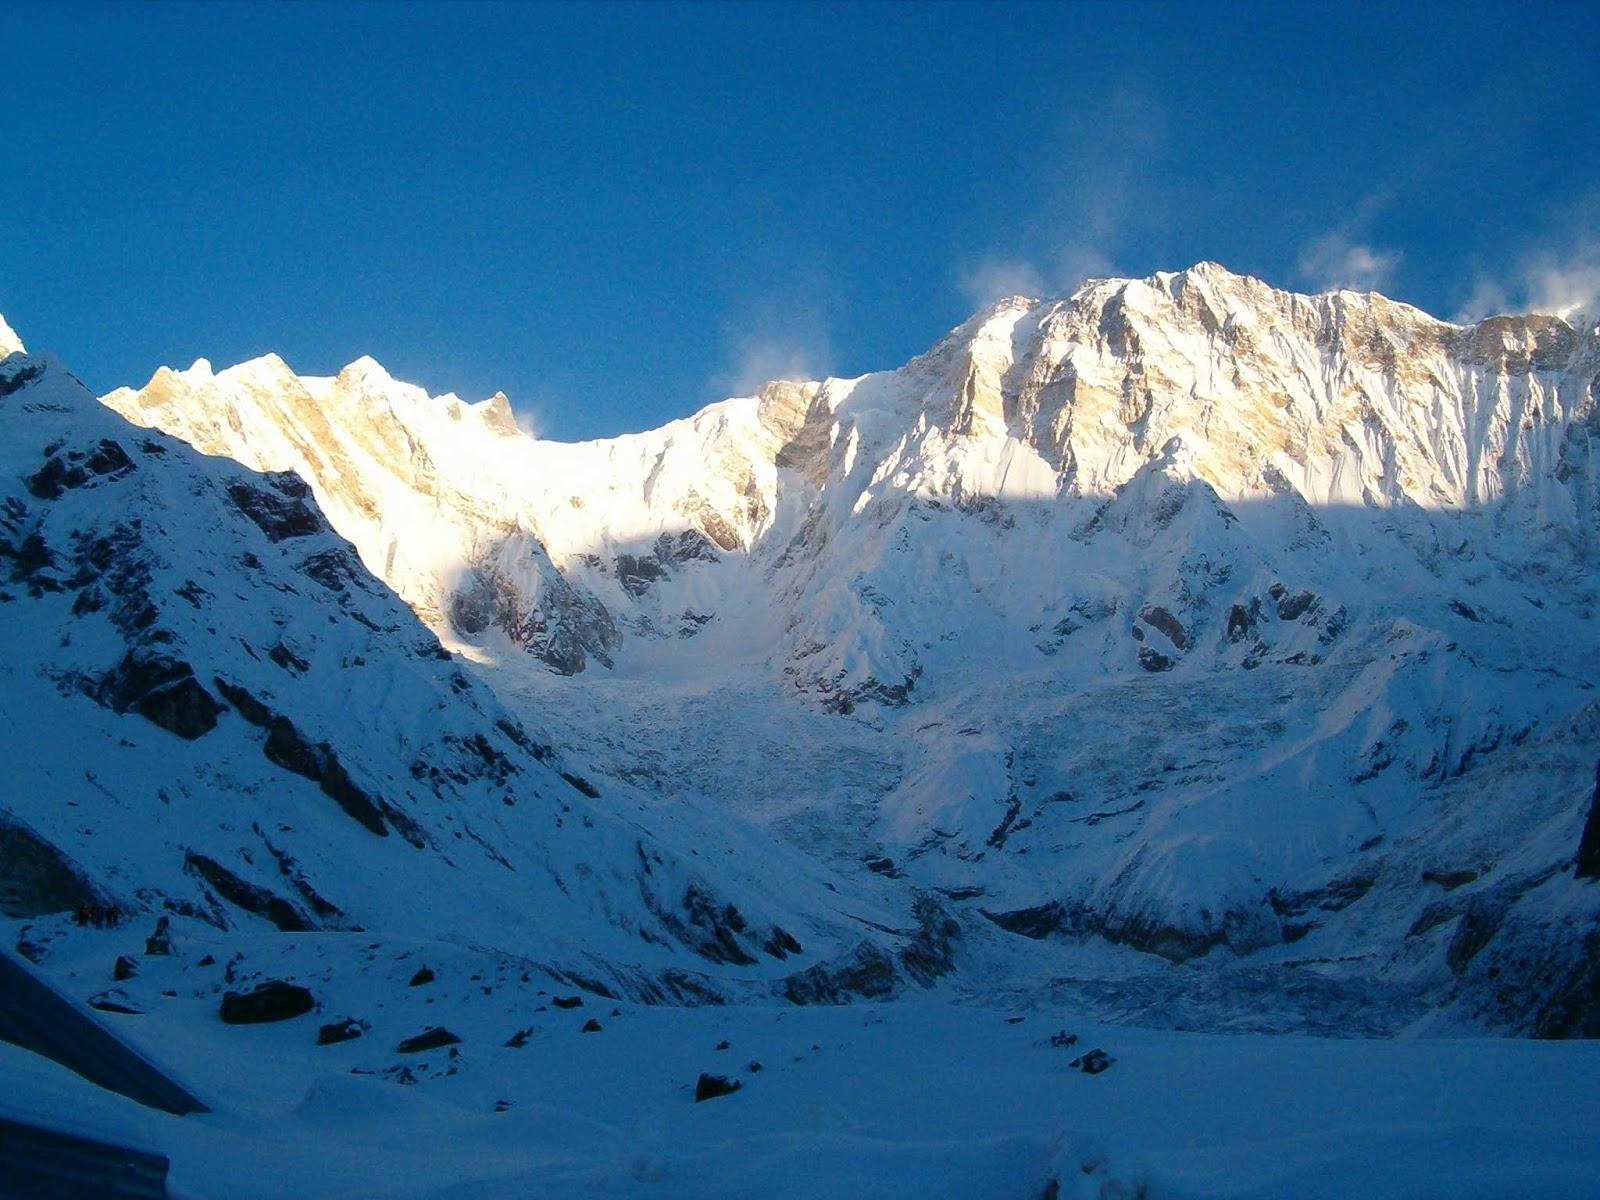 PicturesPool: Beautiful Mountain Wallpapers- Himalayas